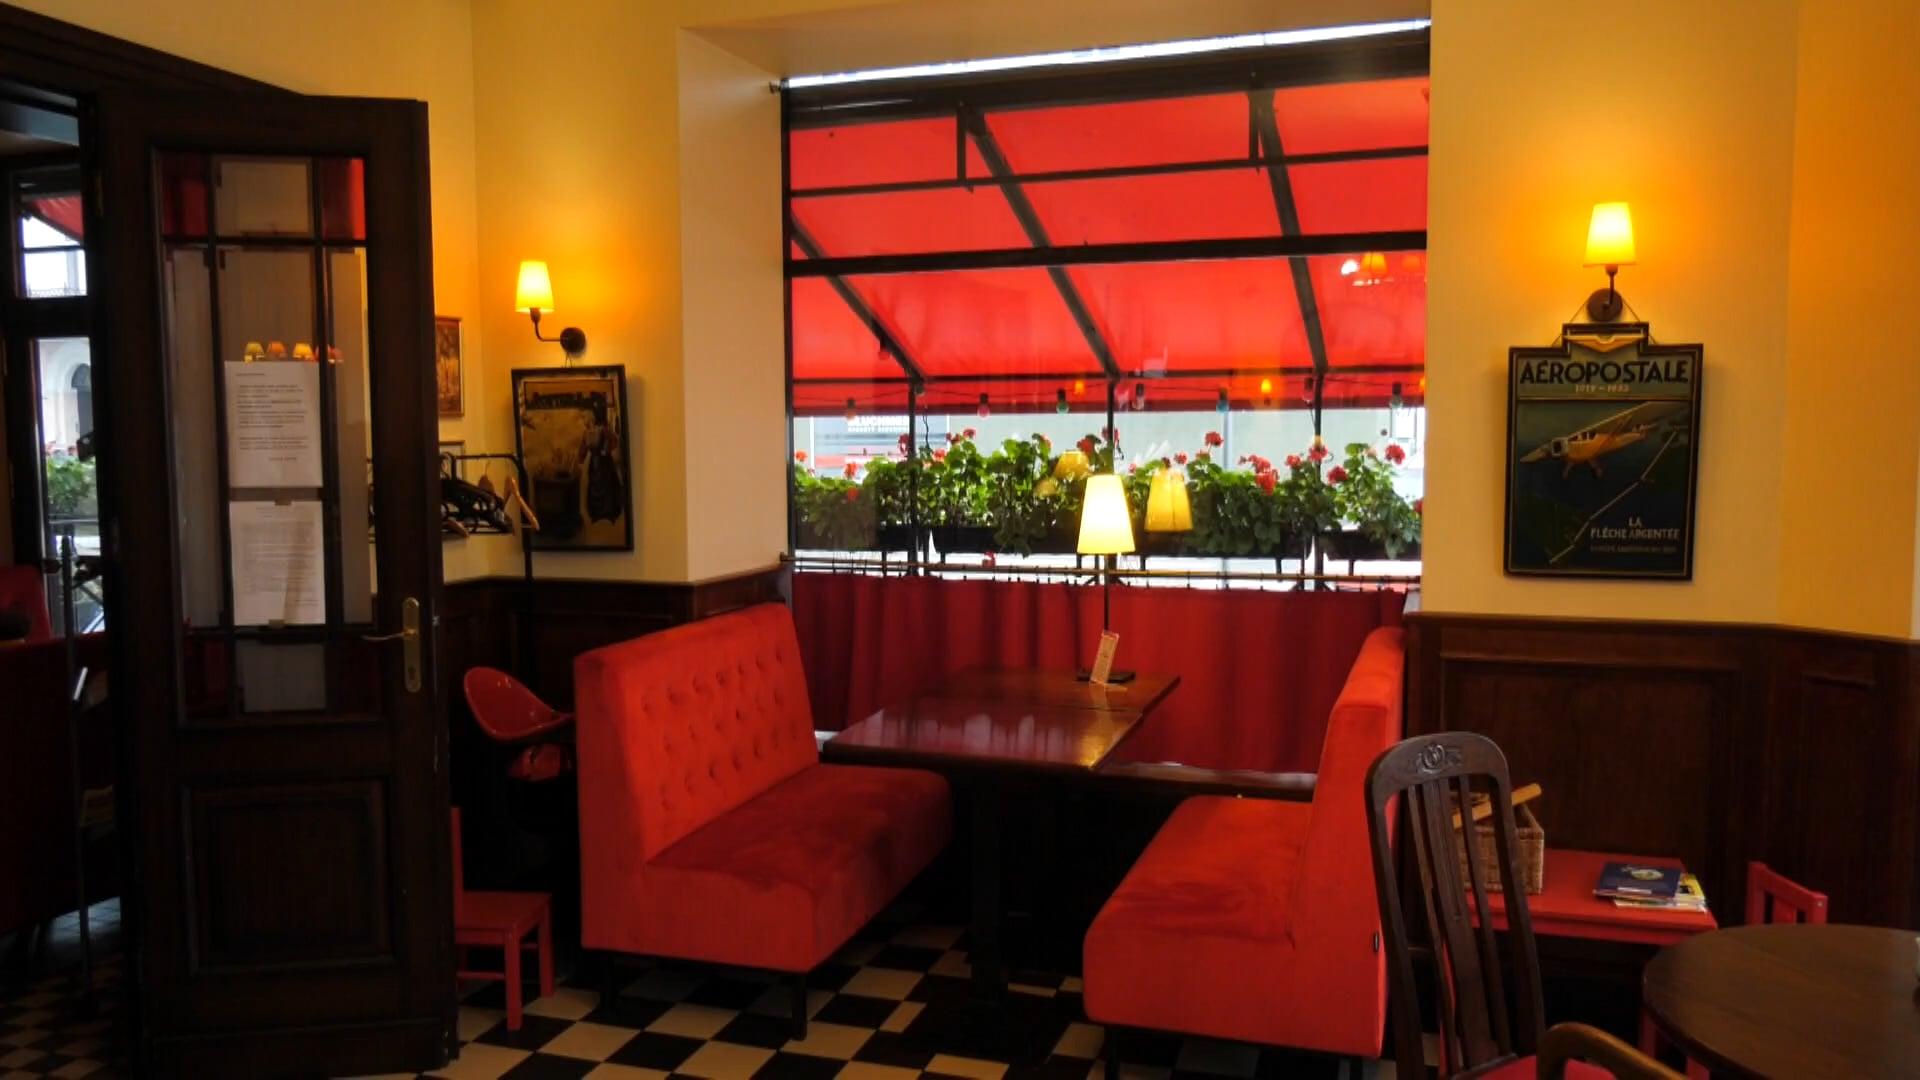 Restauratorzy z niepokojem patrzą w przyszłość